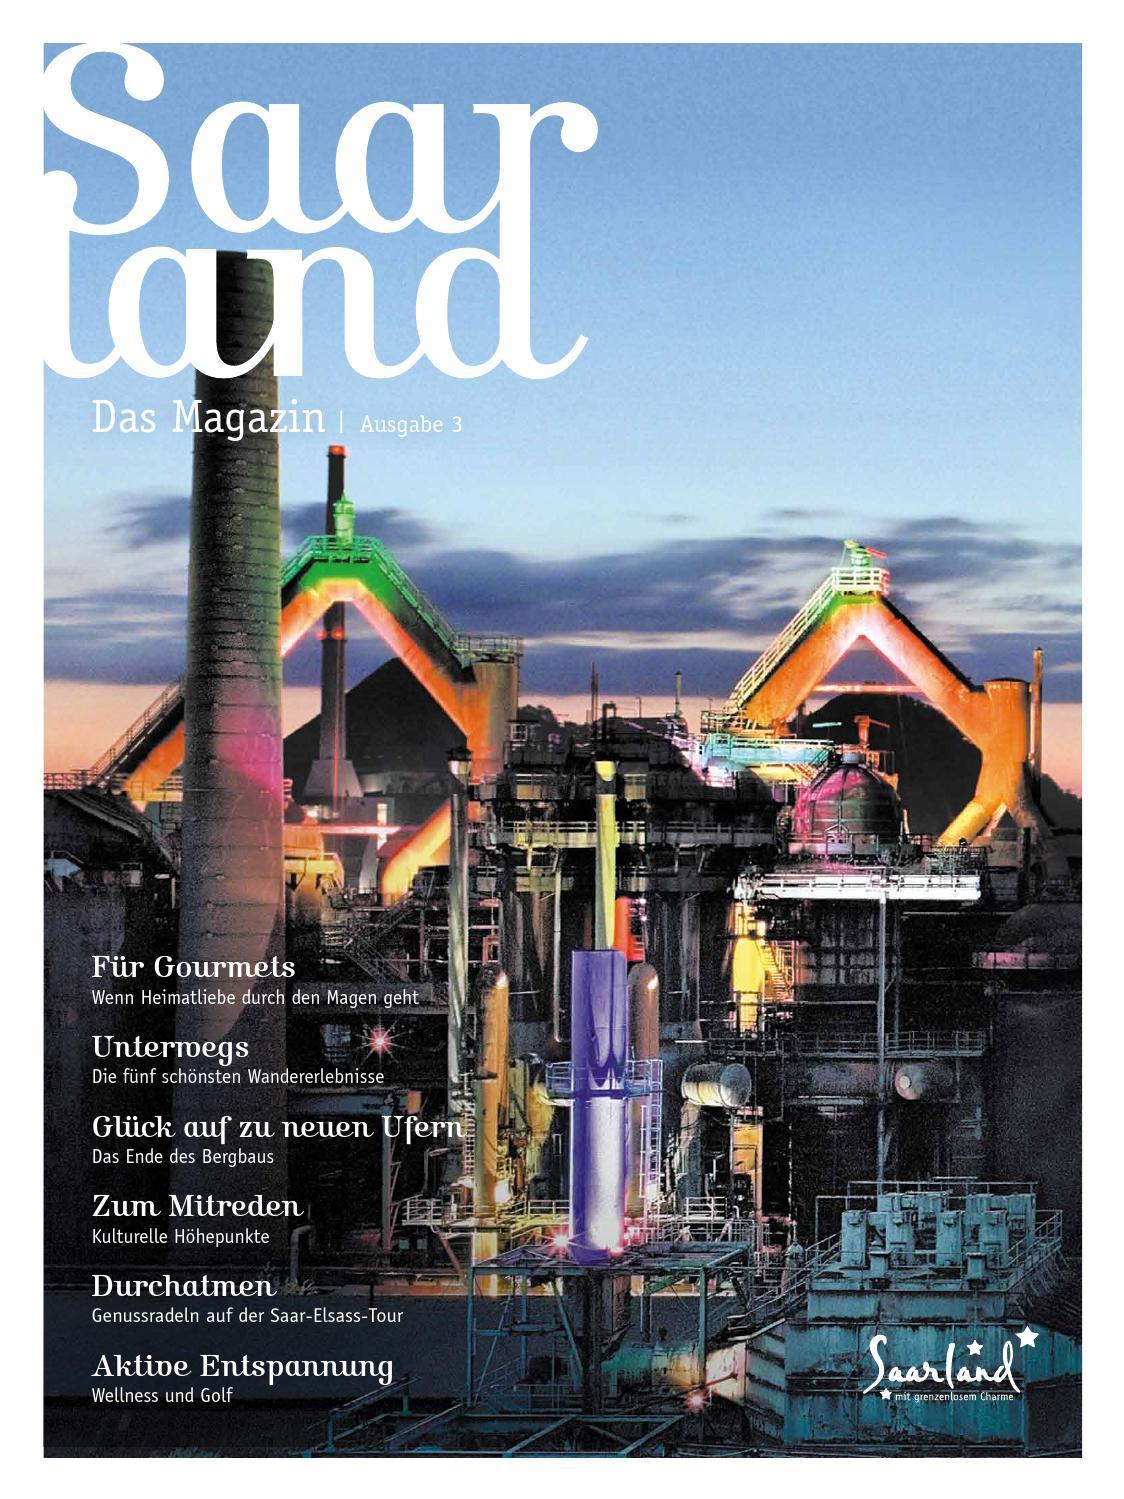 Image Magazin Saarland 2014 By Tourismus Zentrale Saarland